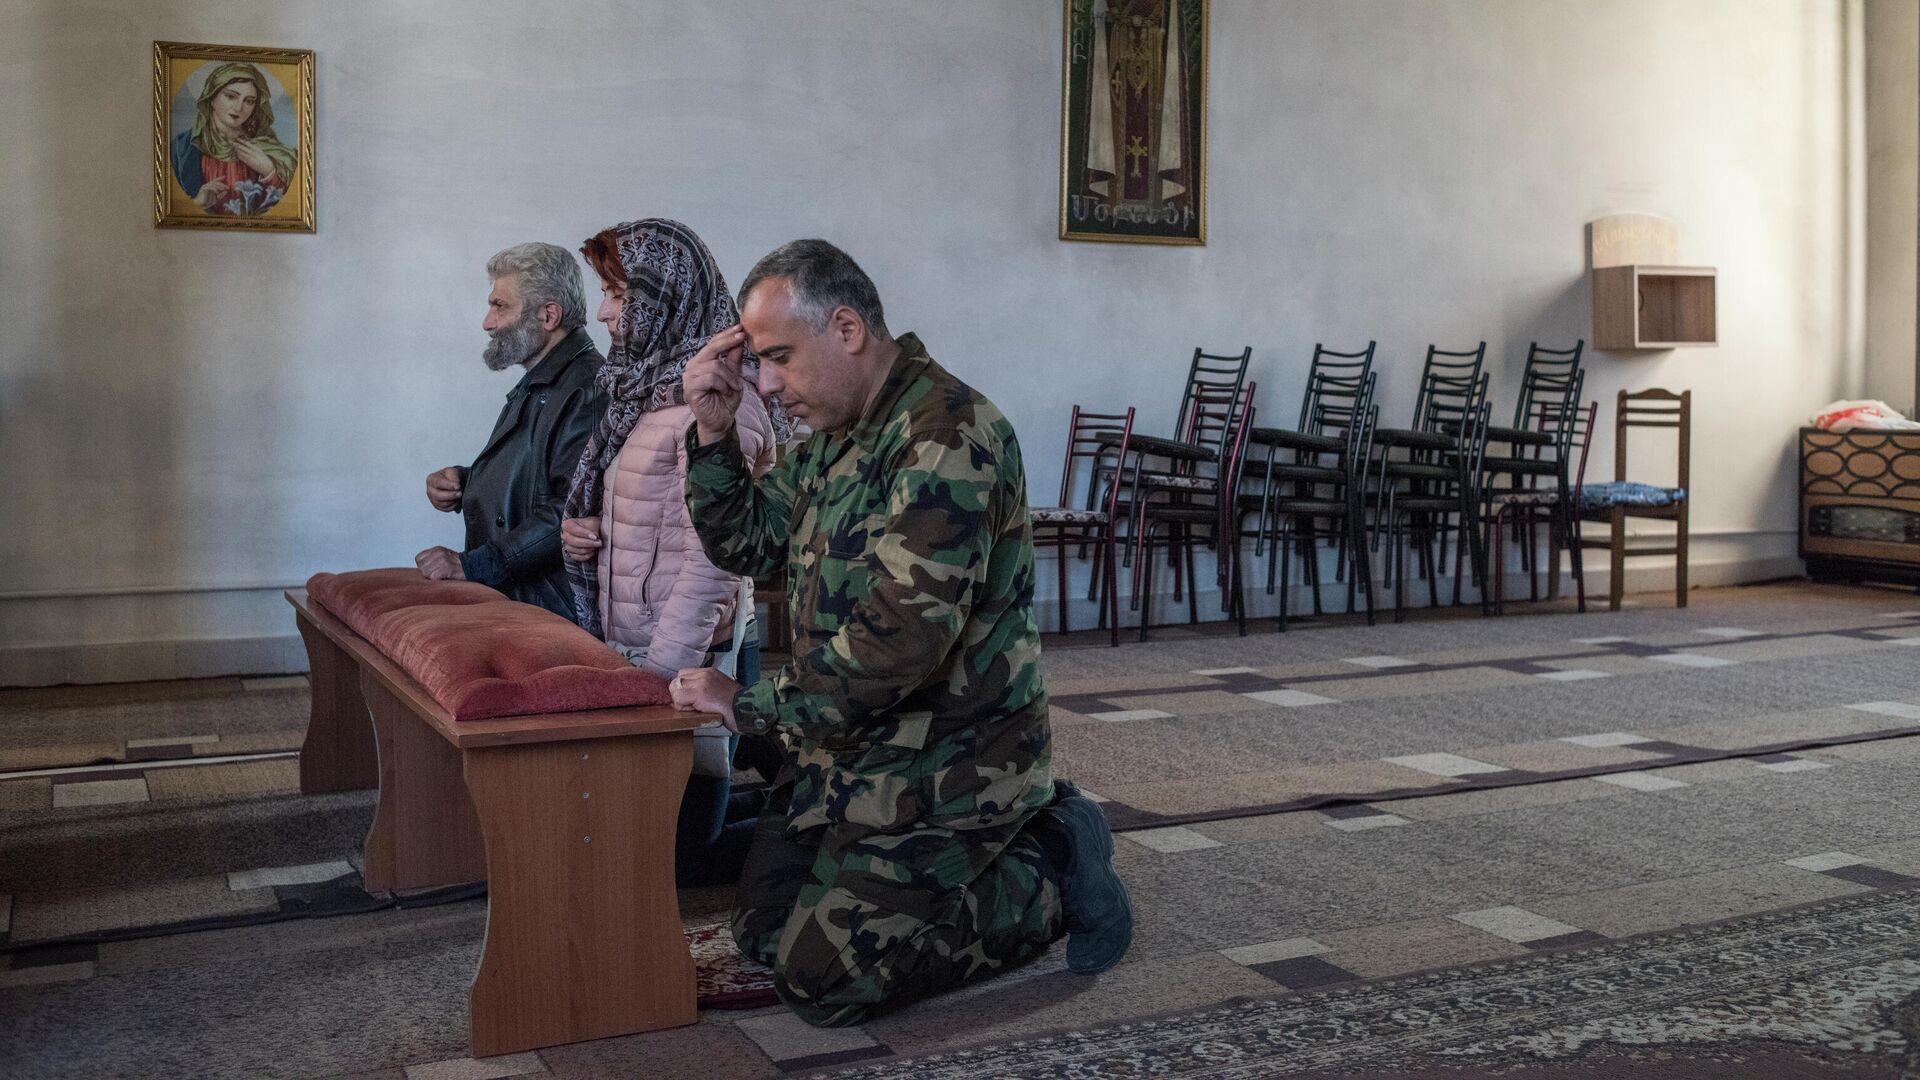 Люди молятся в храме в Степанакерте - РИА Новости, 1920, 20.10.2020